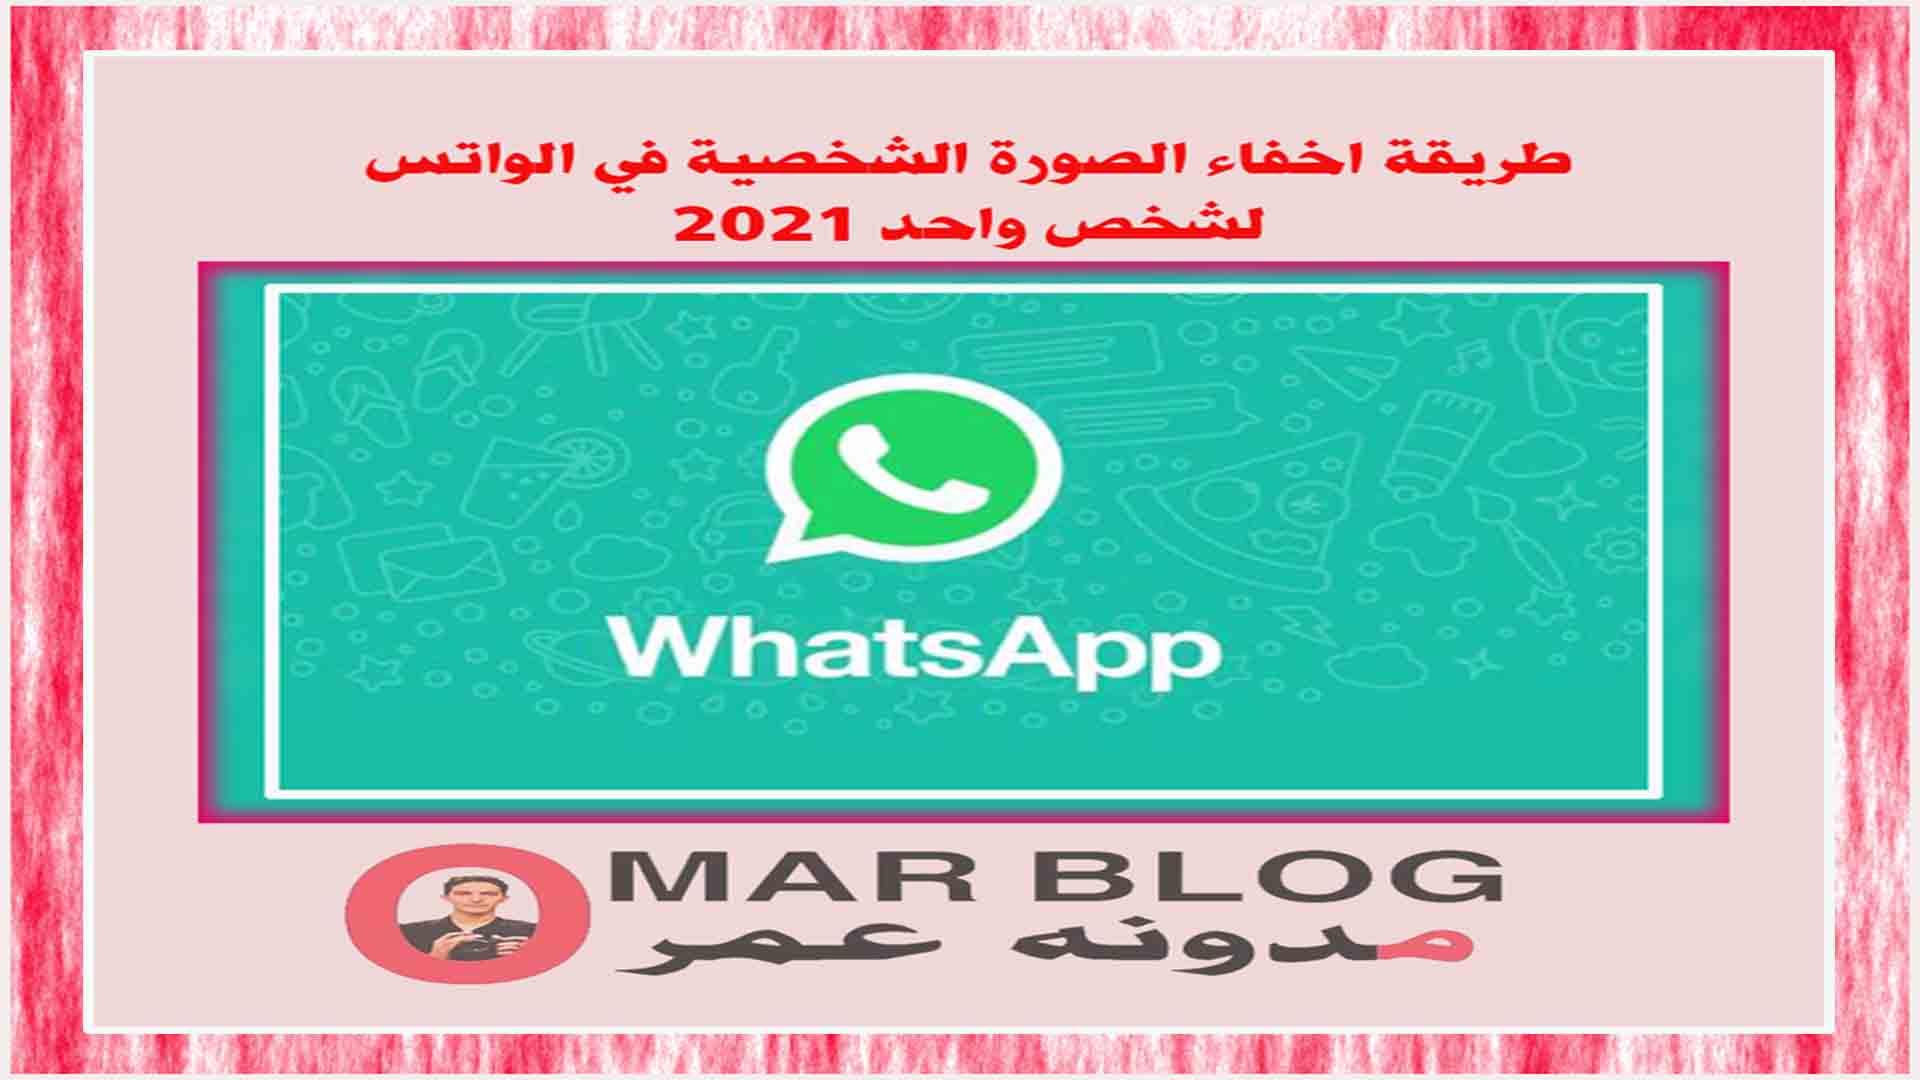 طريقة اخفاء الصورة الشخصية في الواتس لشخص واحد 2021